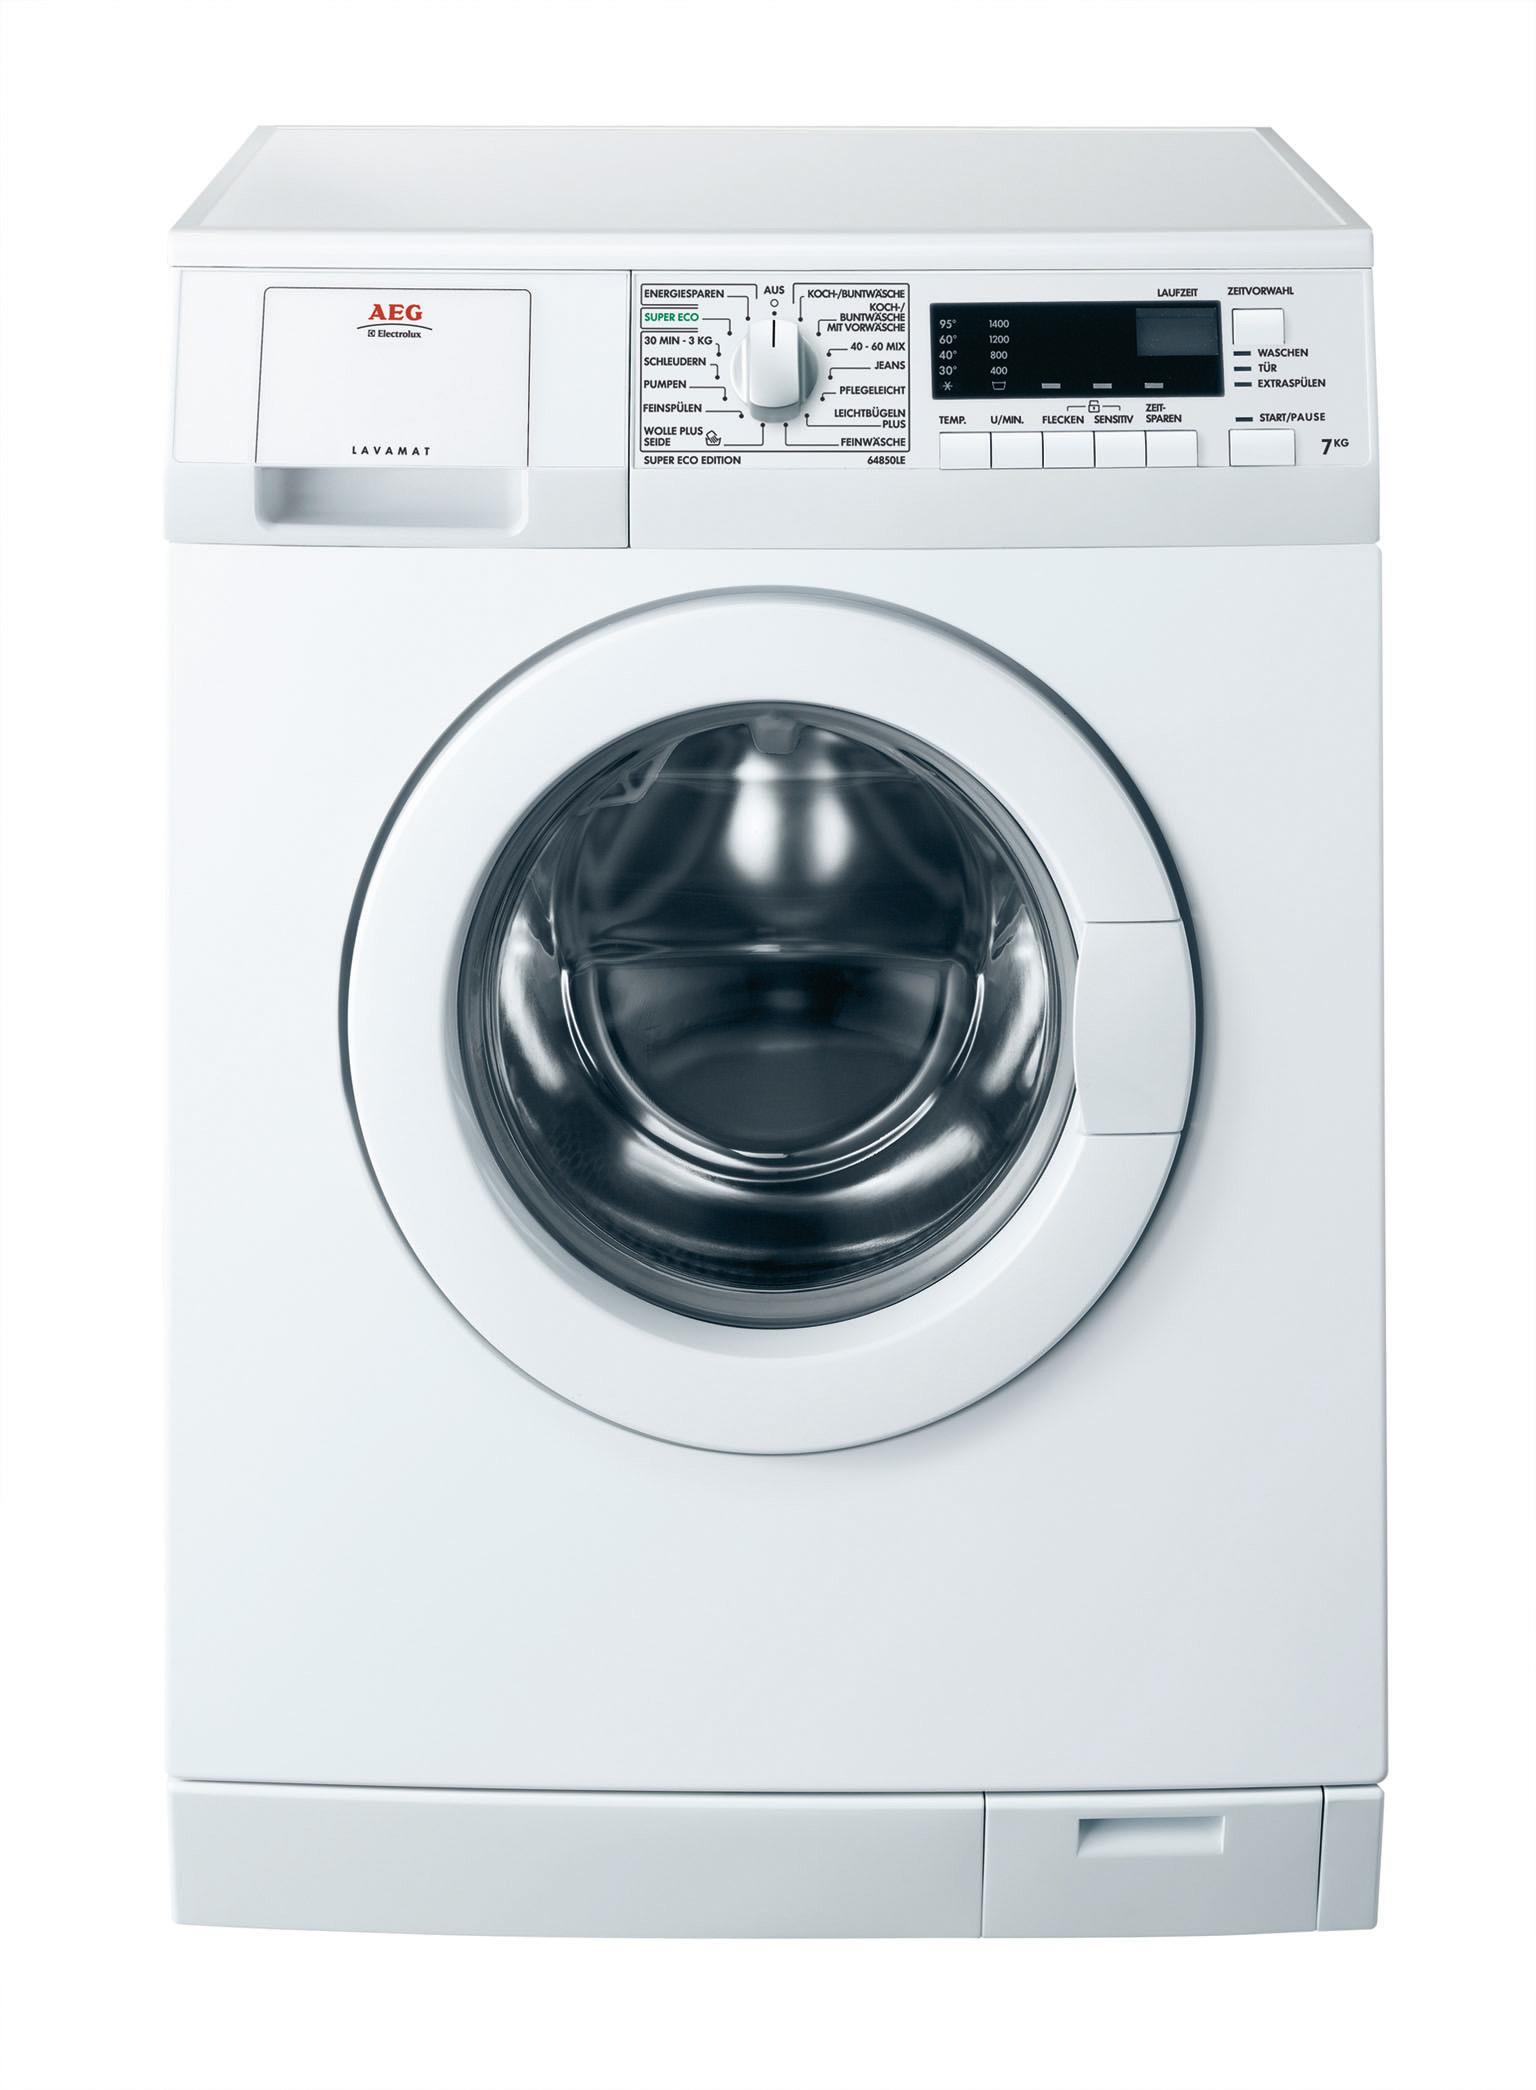 Washing Machine Washing Machine Questions